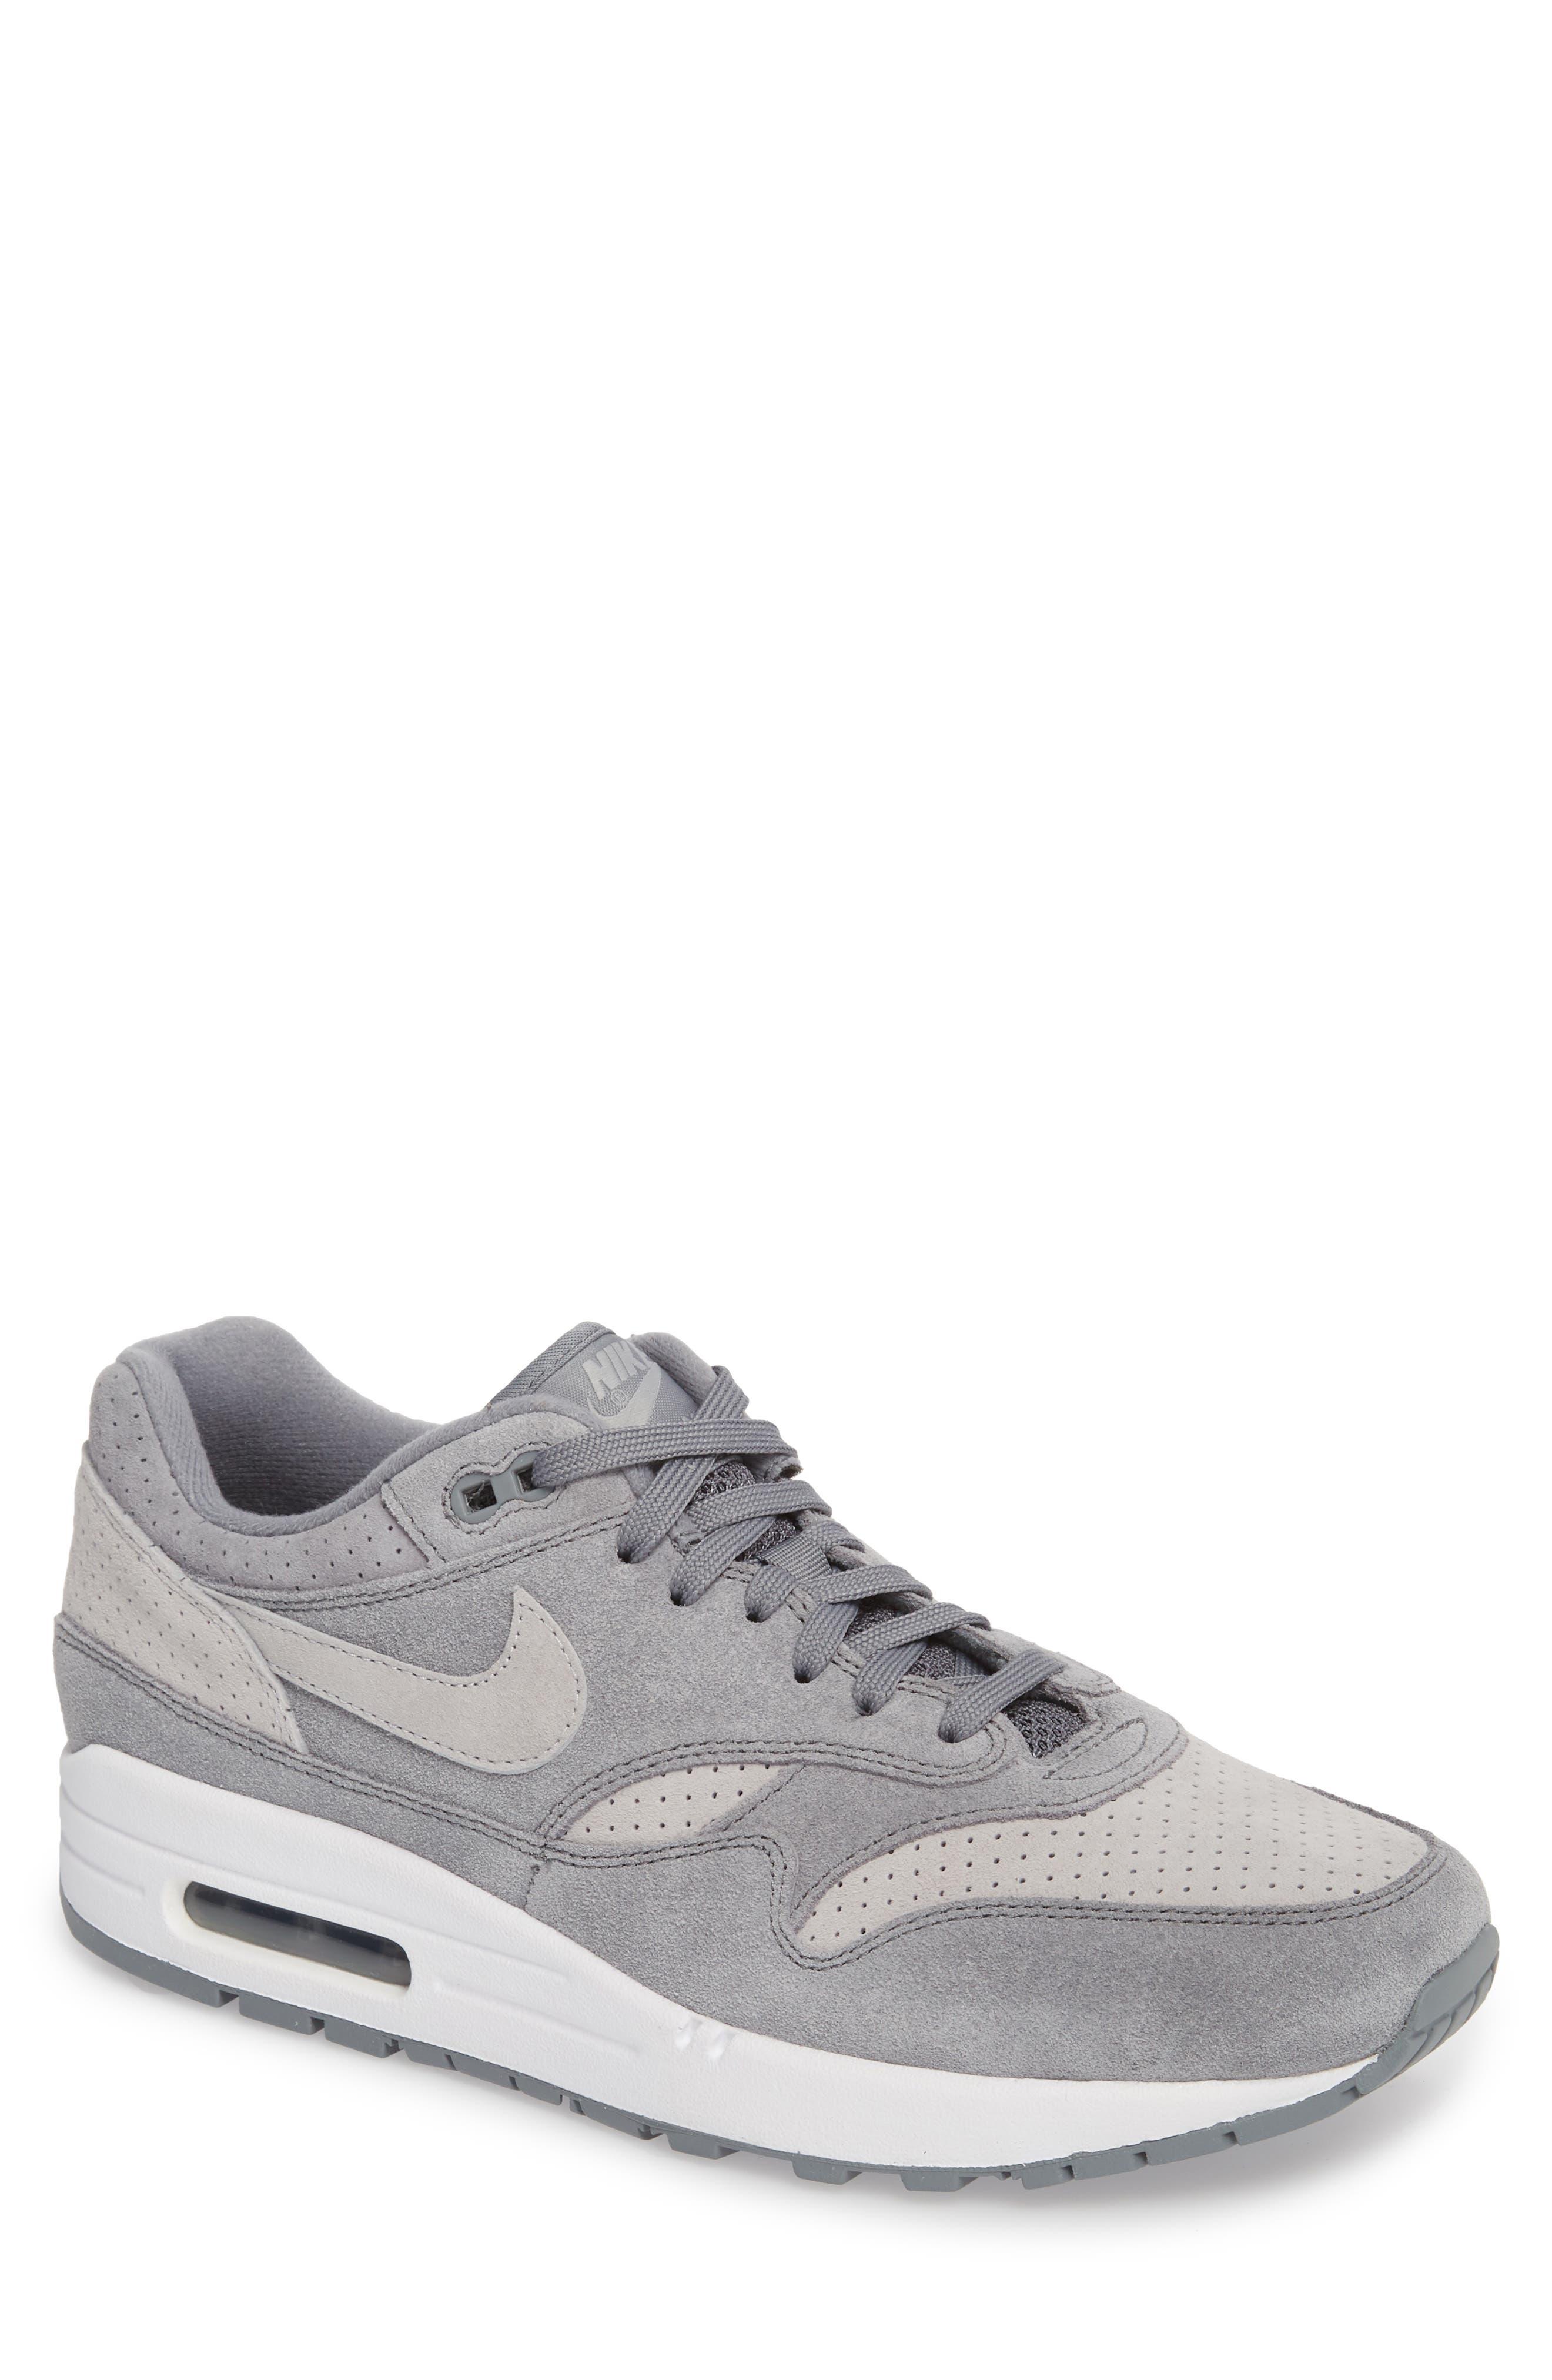 Nike Air Max 1 Premium Sneaker (Men)